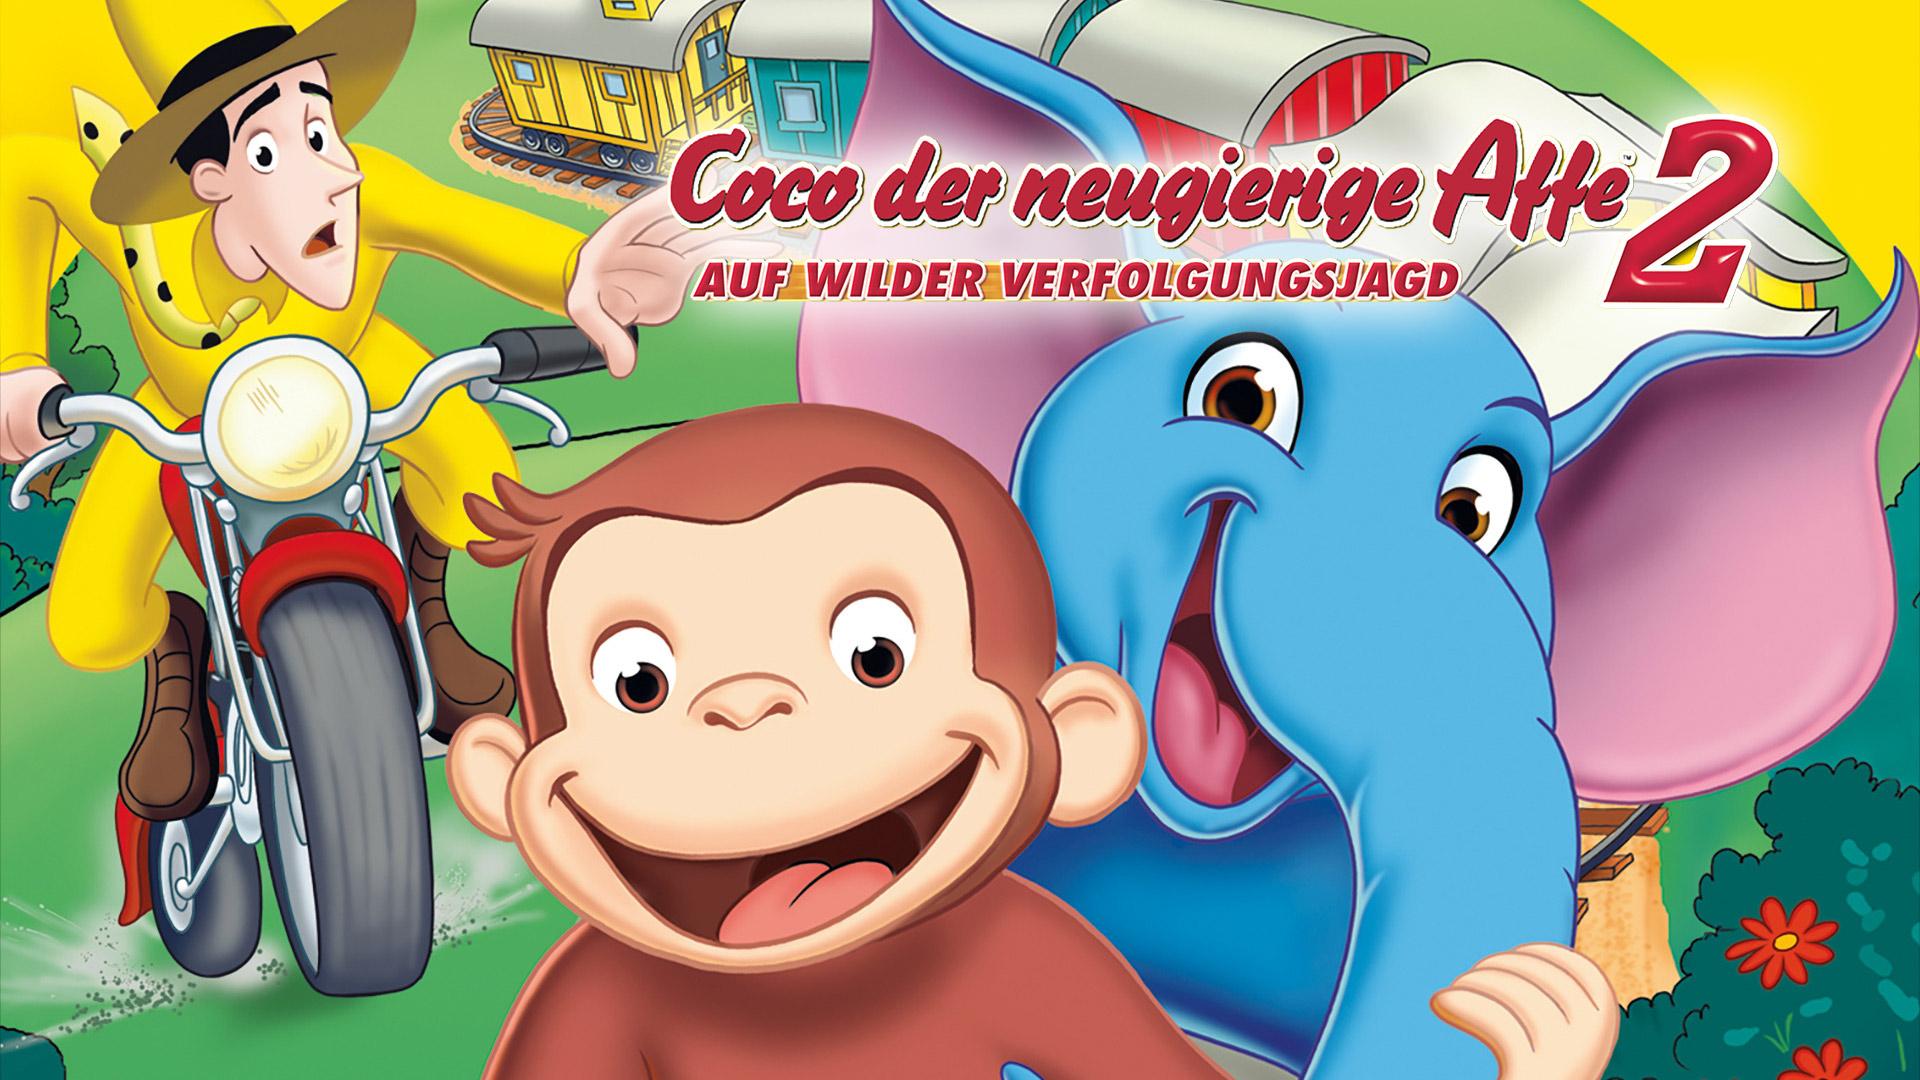 Coco der neugierige Affe 2 auf wilder verfolgungsjagd [dt./OV]